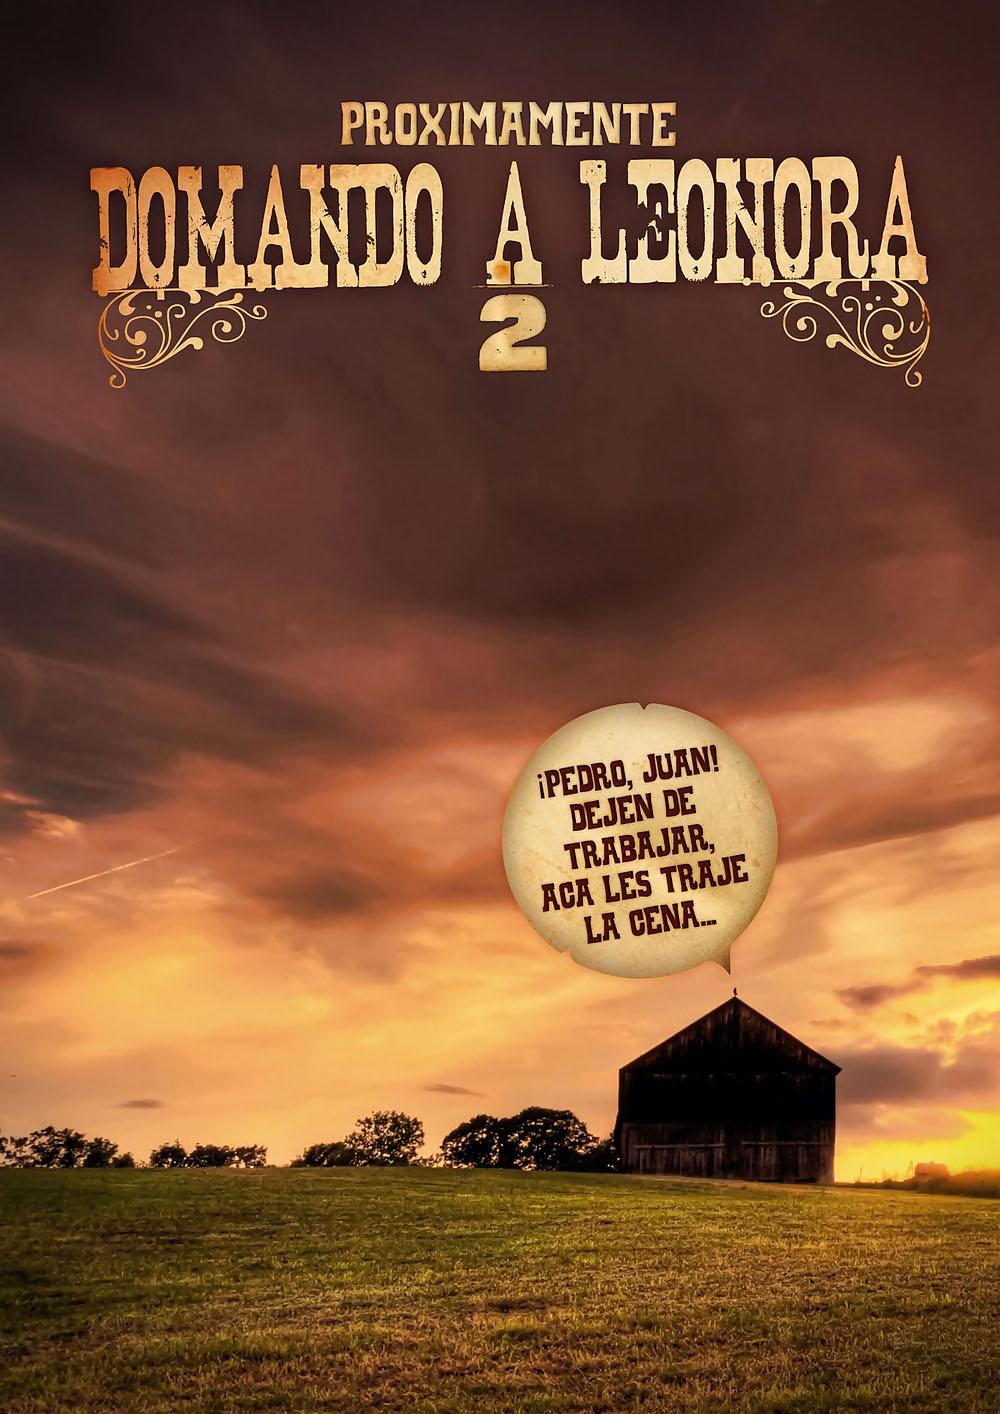 DOMANDO a Leonora